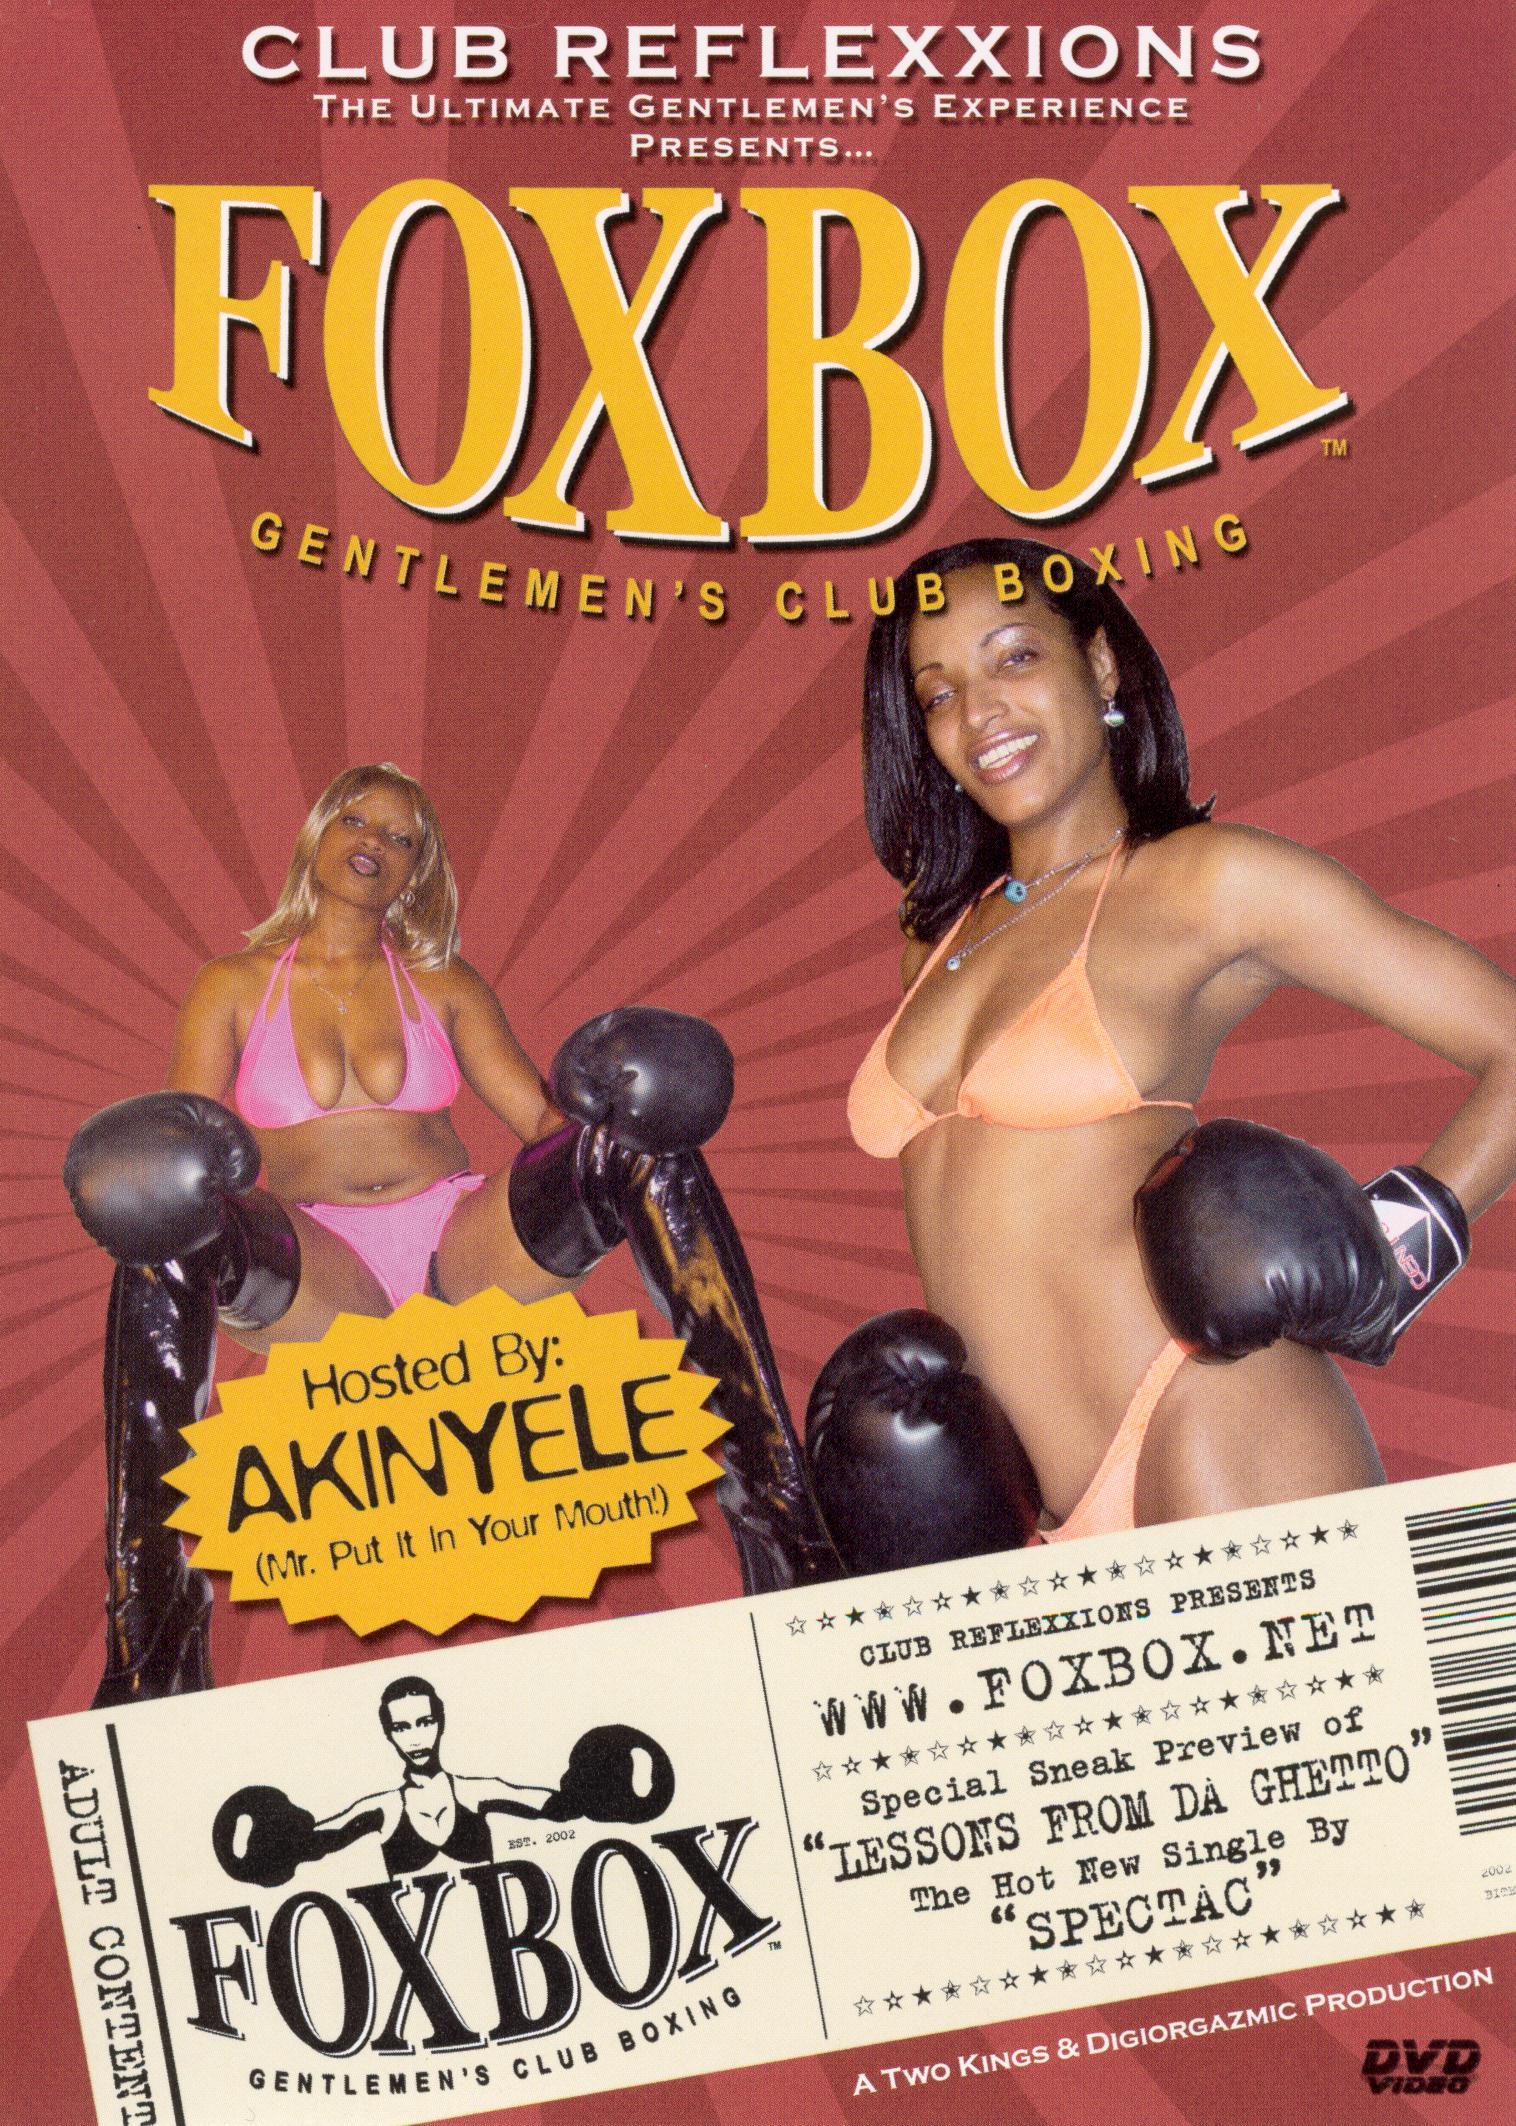 Foxbox: Gentlemen's Club Boxing